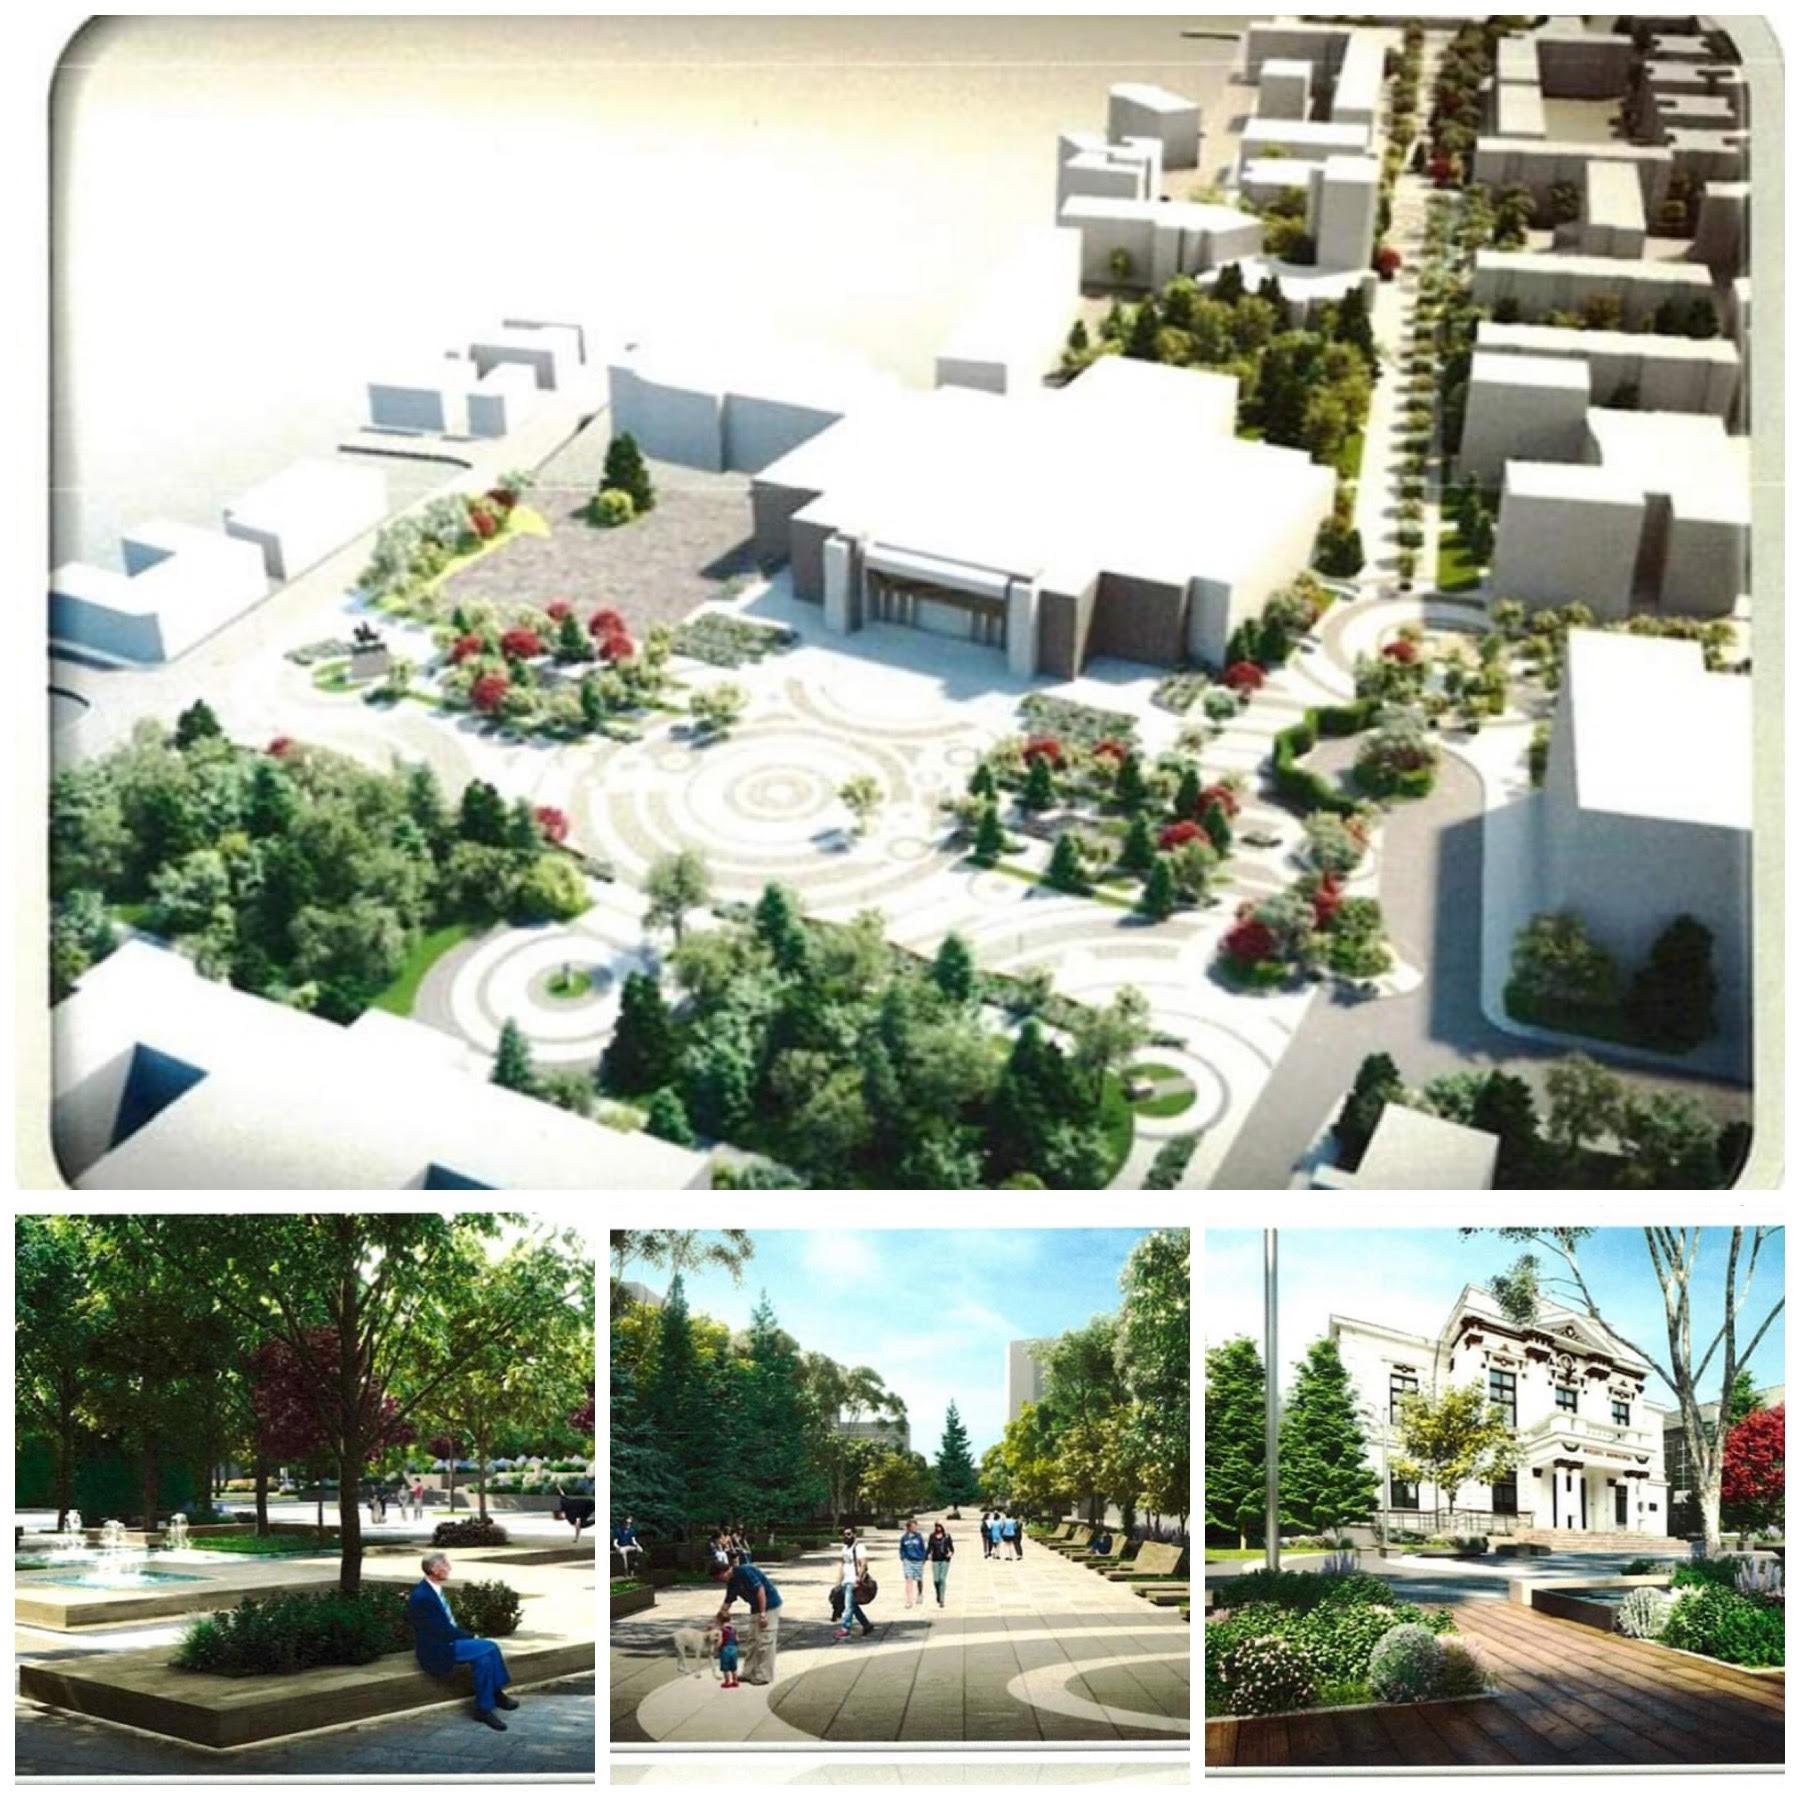 A fost semnat proiectul de modernizare a centrului vechi pietonal, din municipiul Călărași